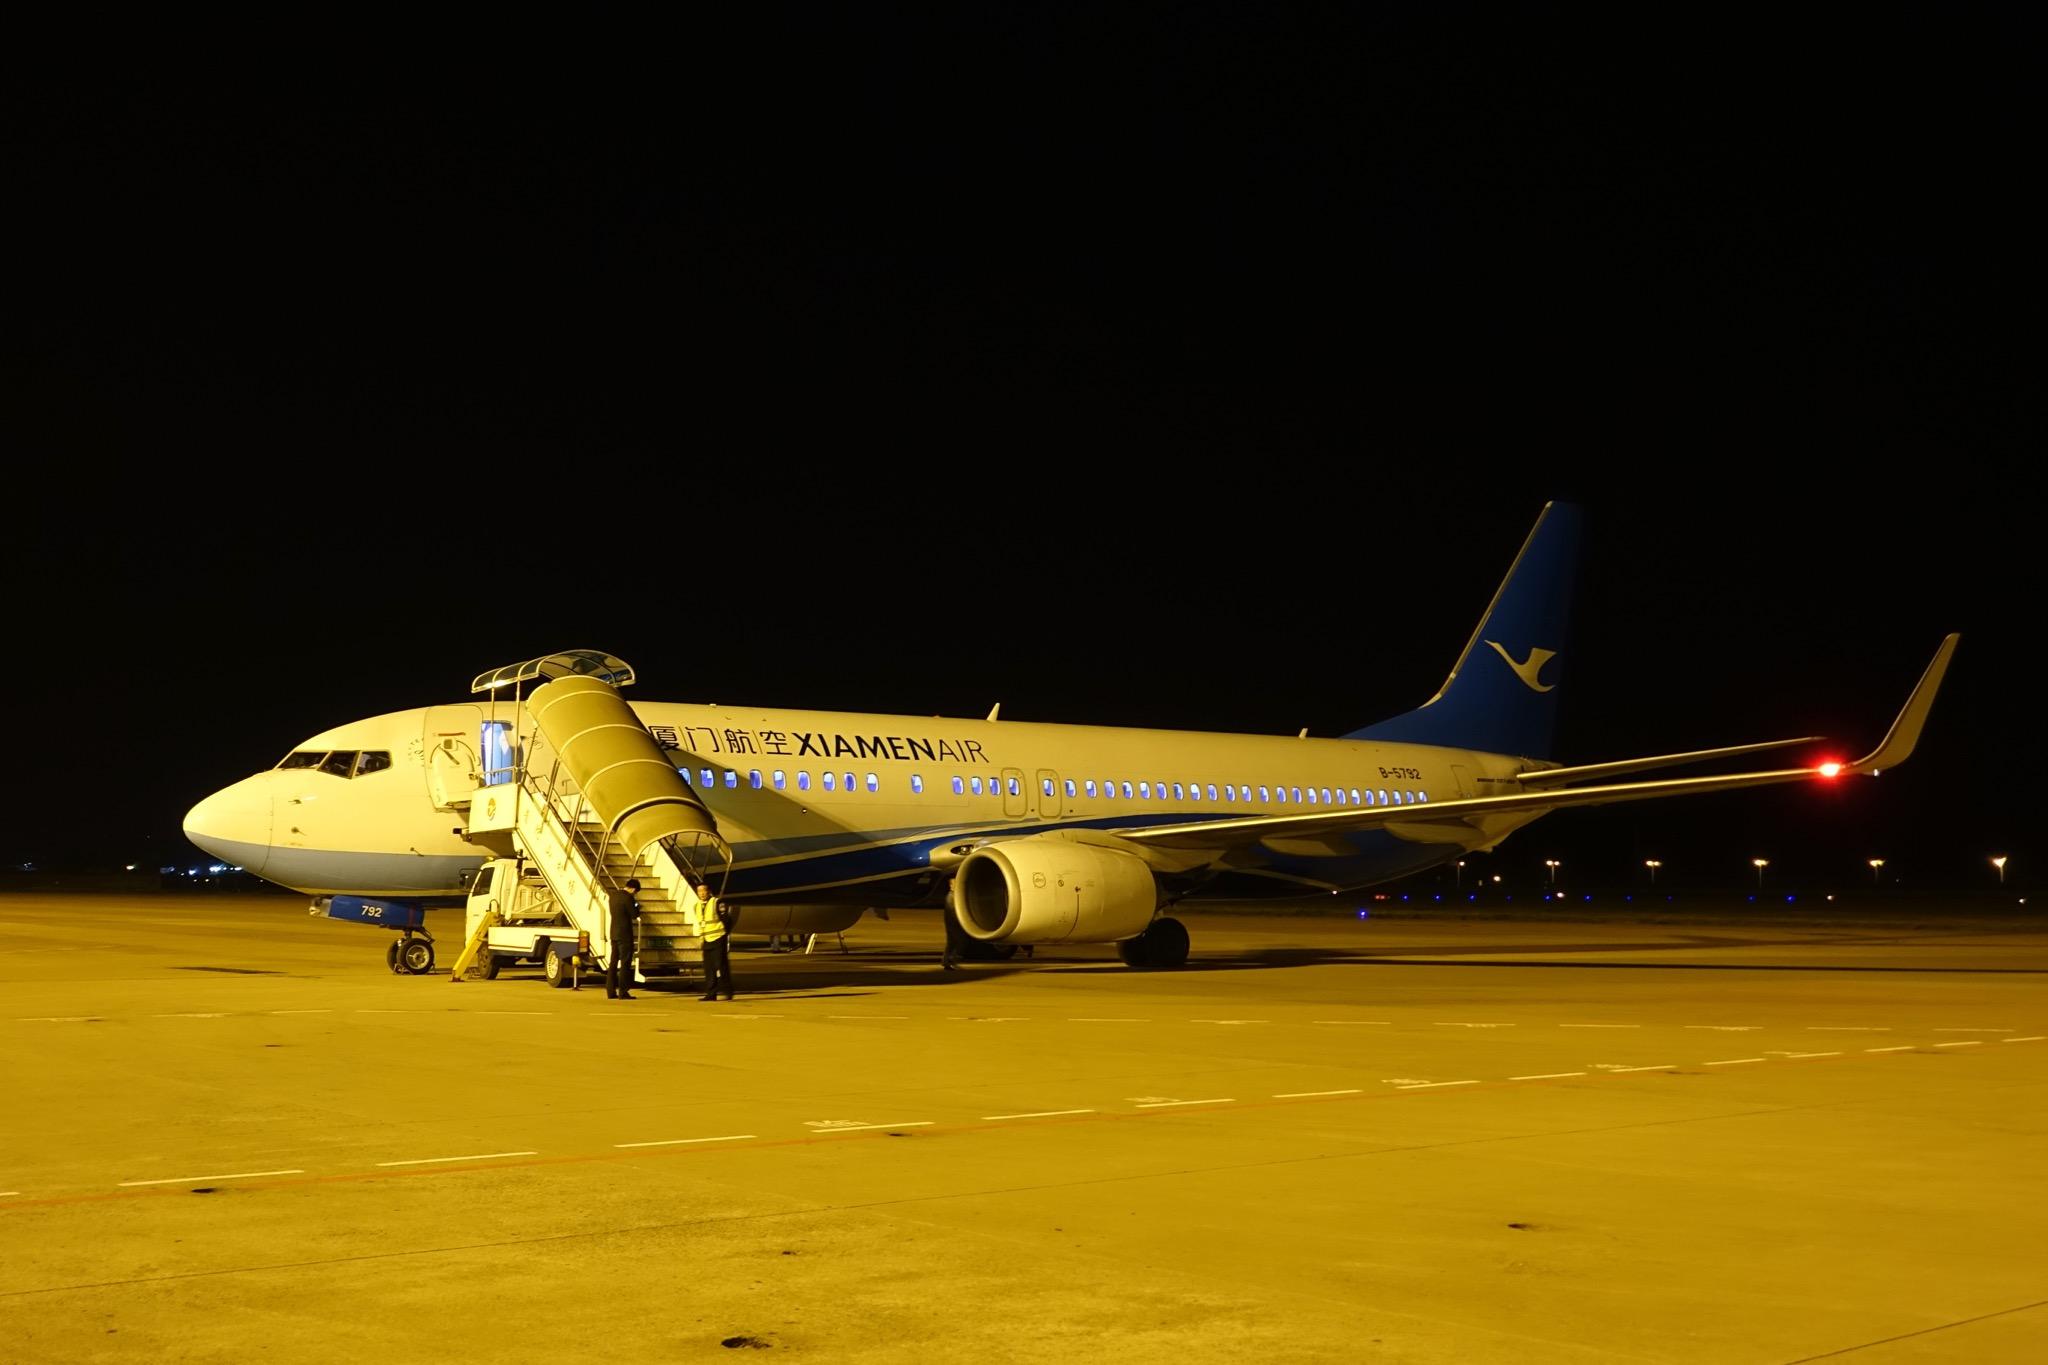 我们乘坐的厦航飞机在舟山停顿